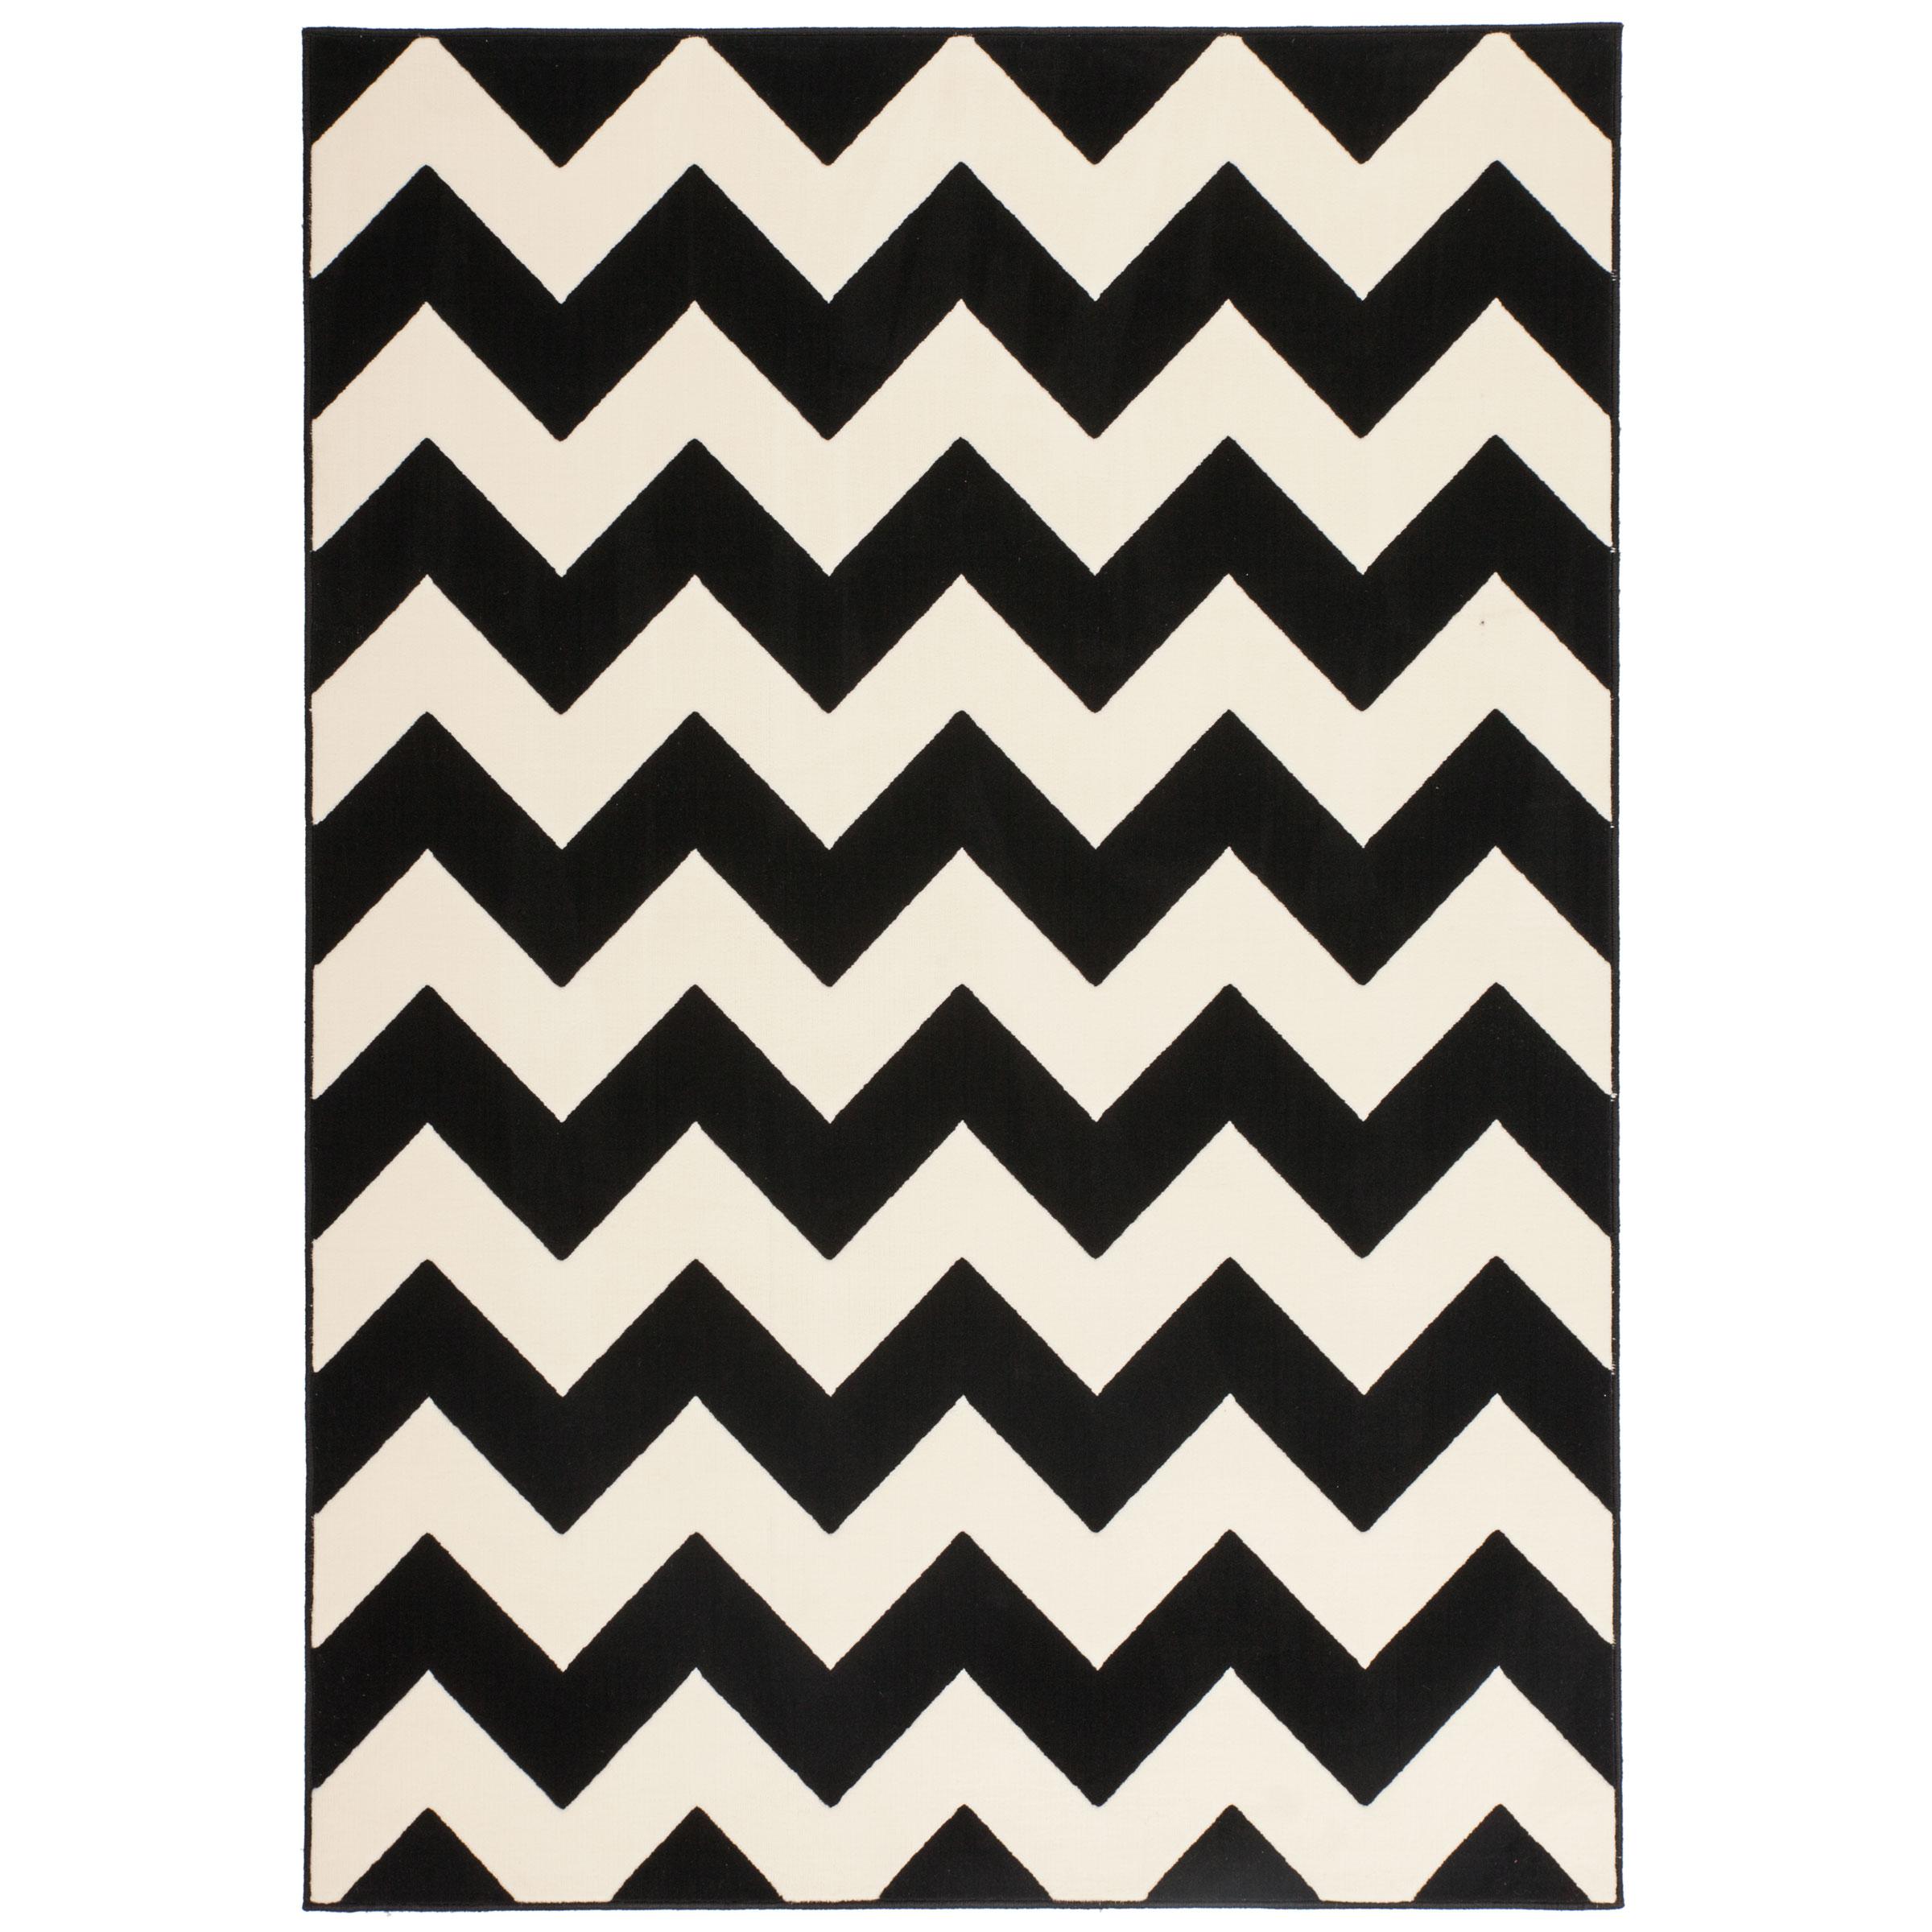 Wonderbaarlijk Wit met zwart design vloerkleed kopen?   Vloerkleden CD-06